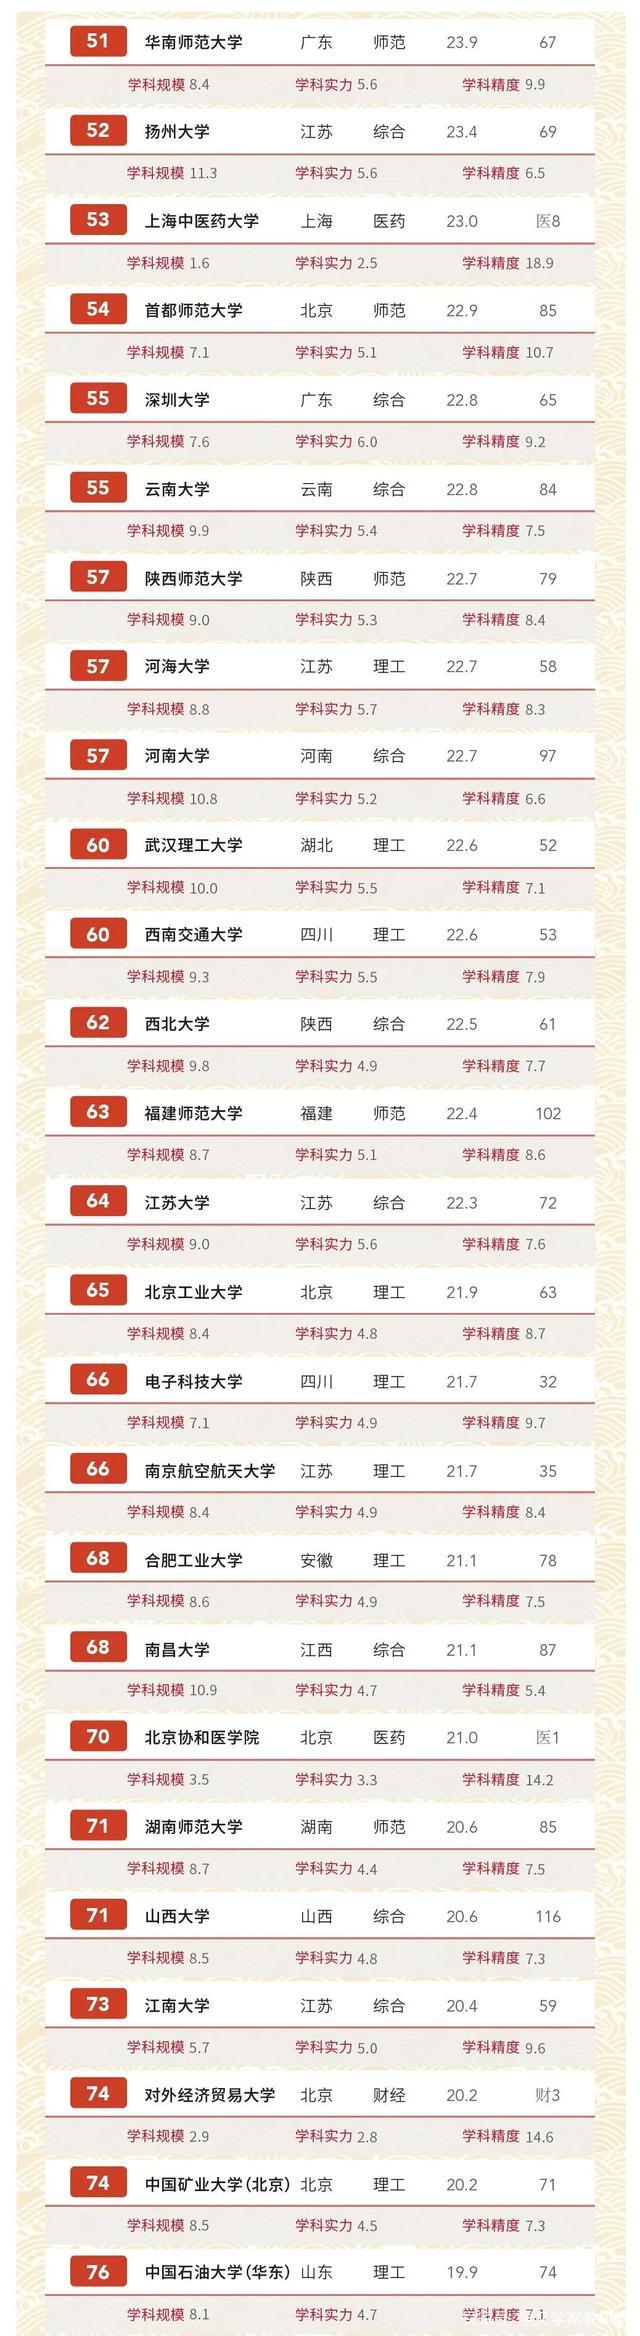 2020中国最新高校排名